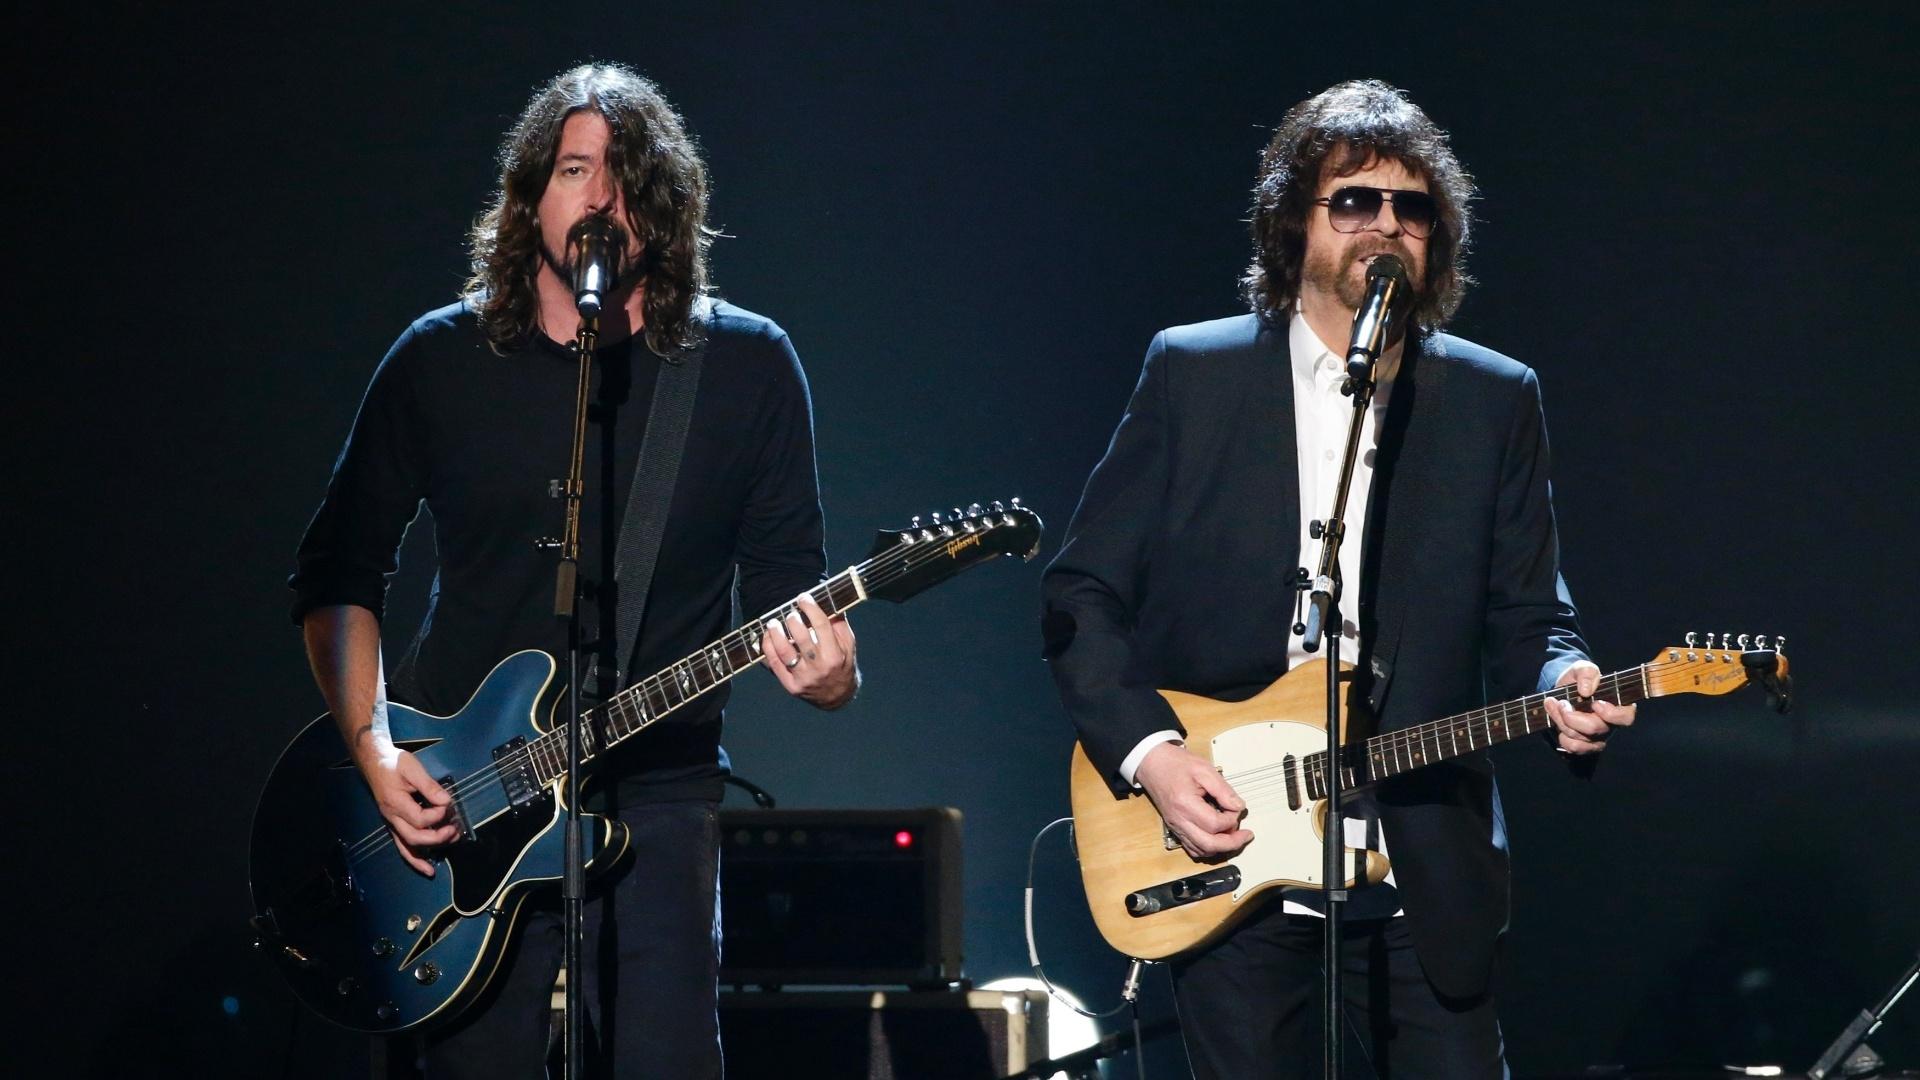 27.jan.2014 - O vocalista do Foo Fighters, Dave Grohl, e Jeff Lynne participam da gravação do especial